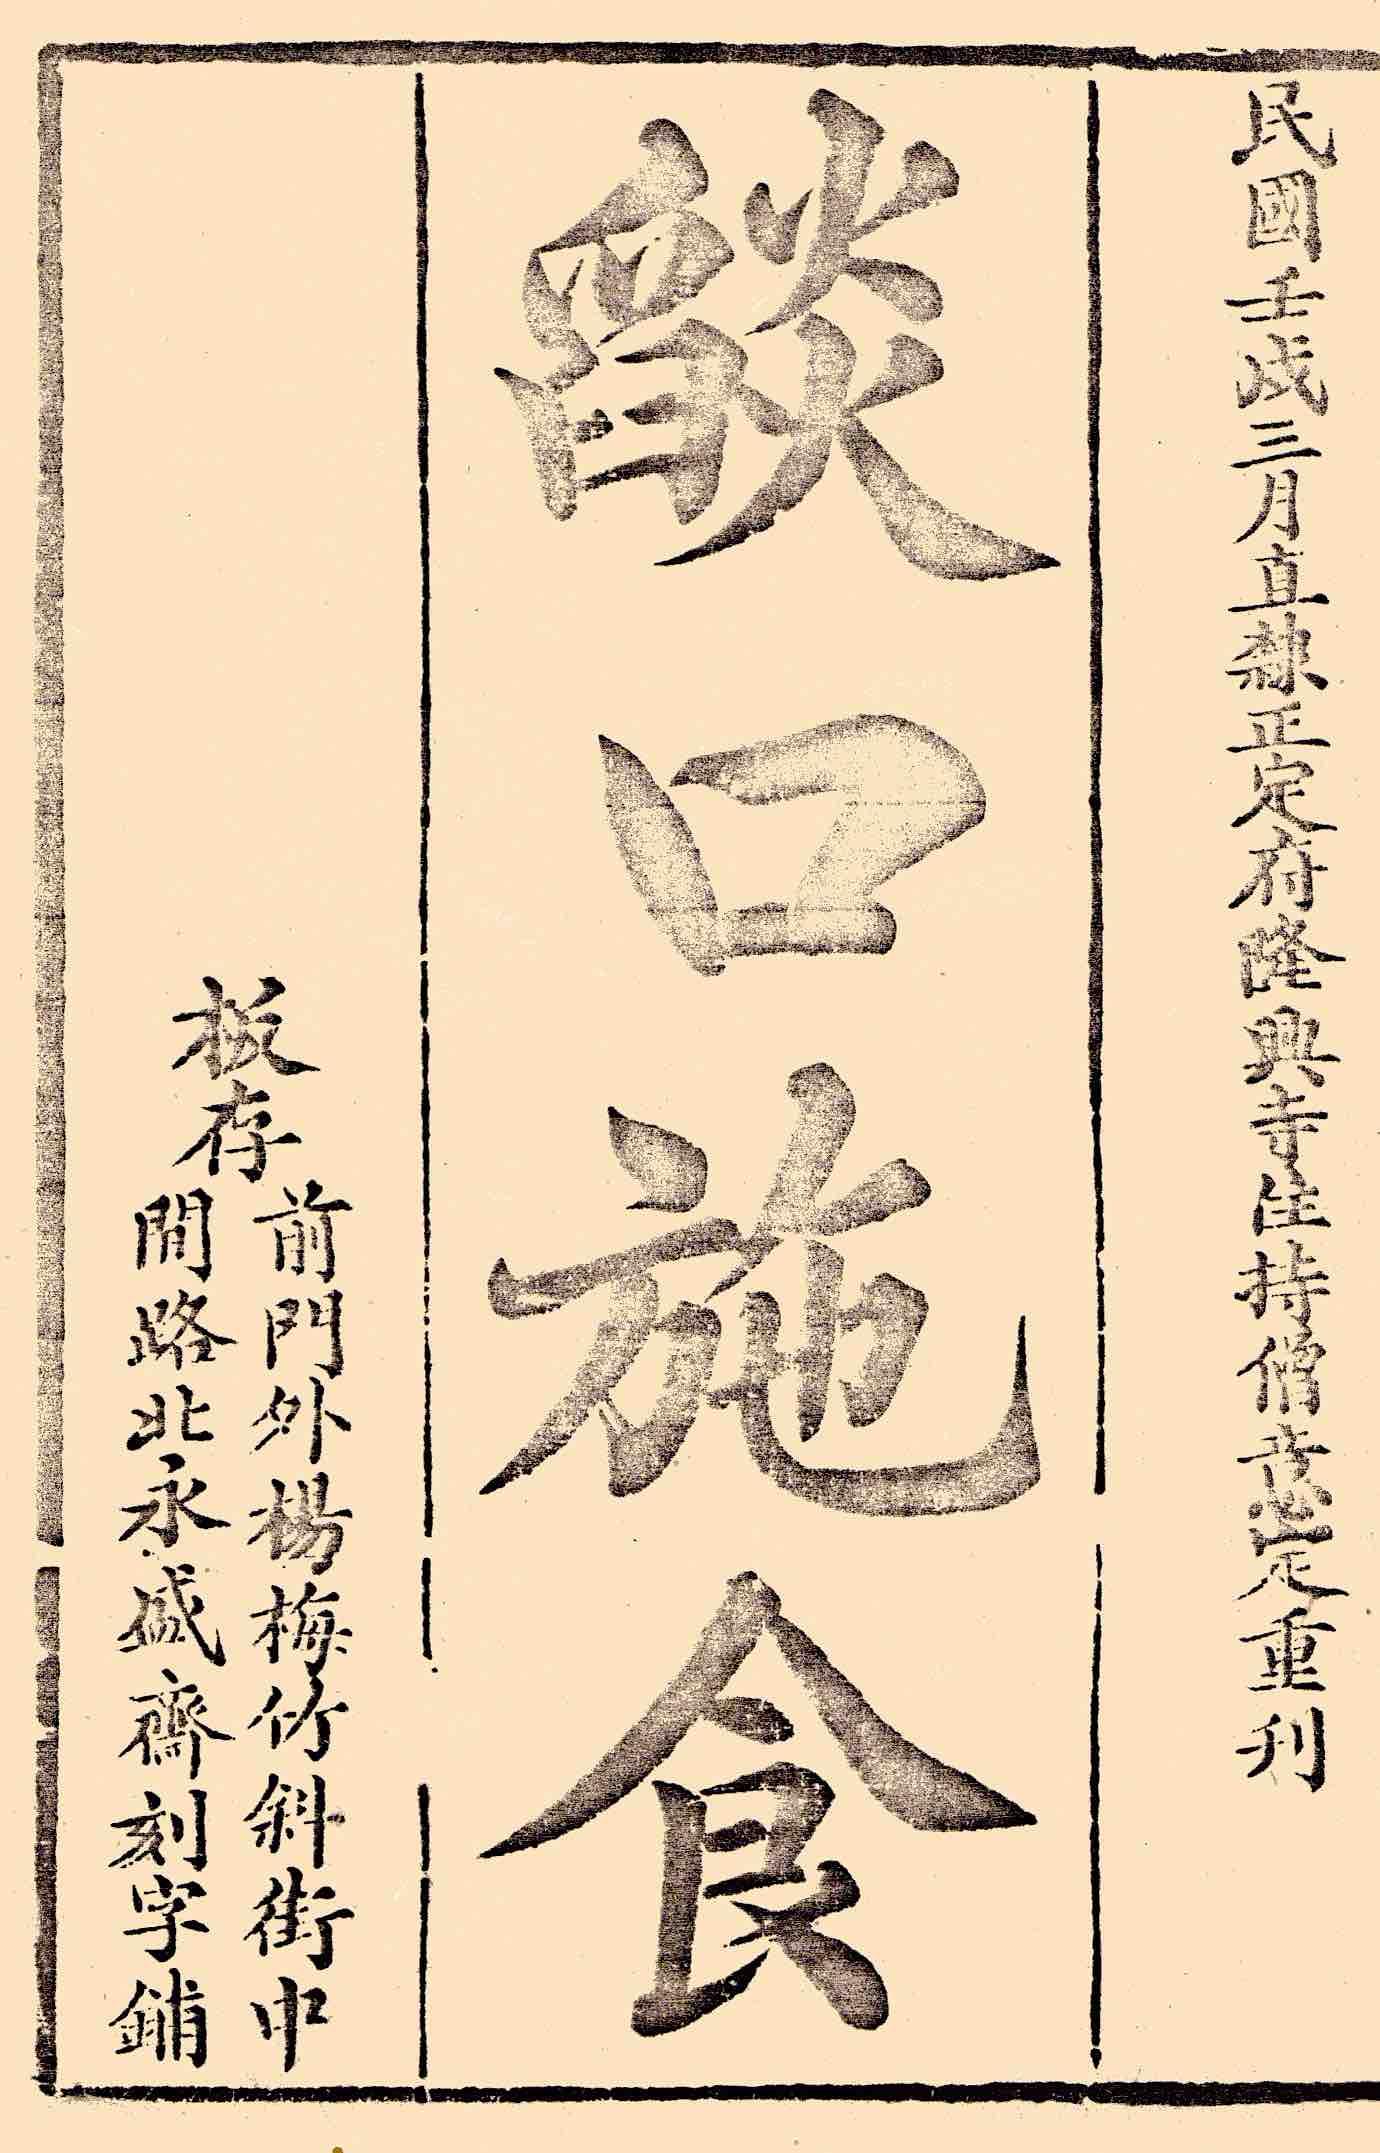 BJ yankou manual